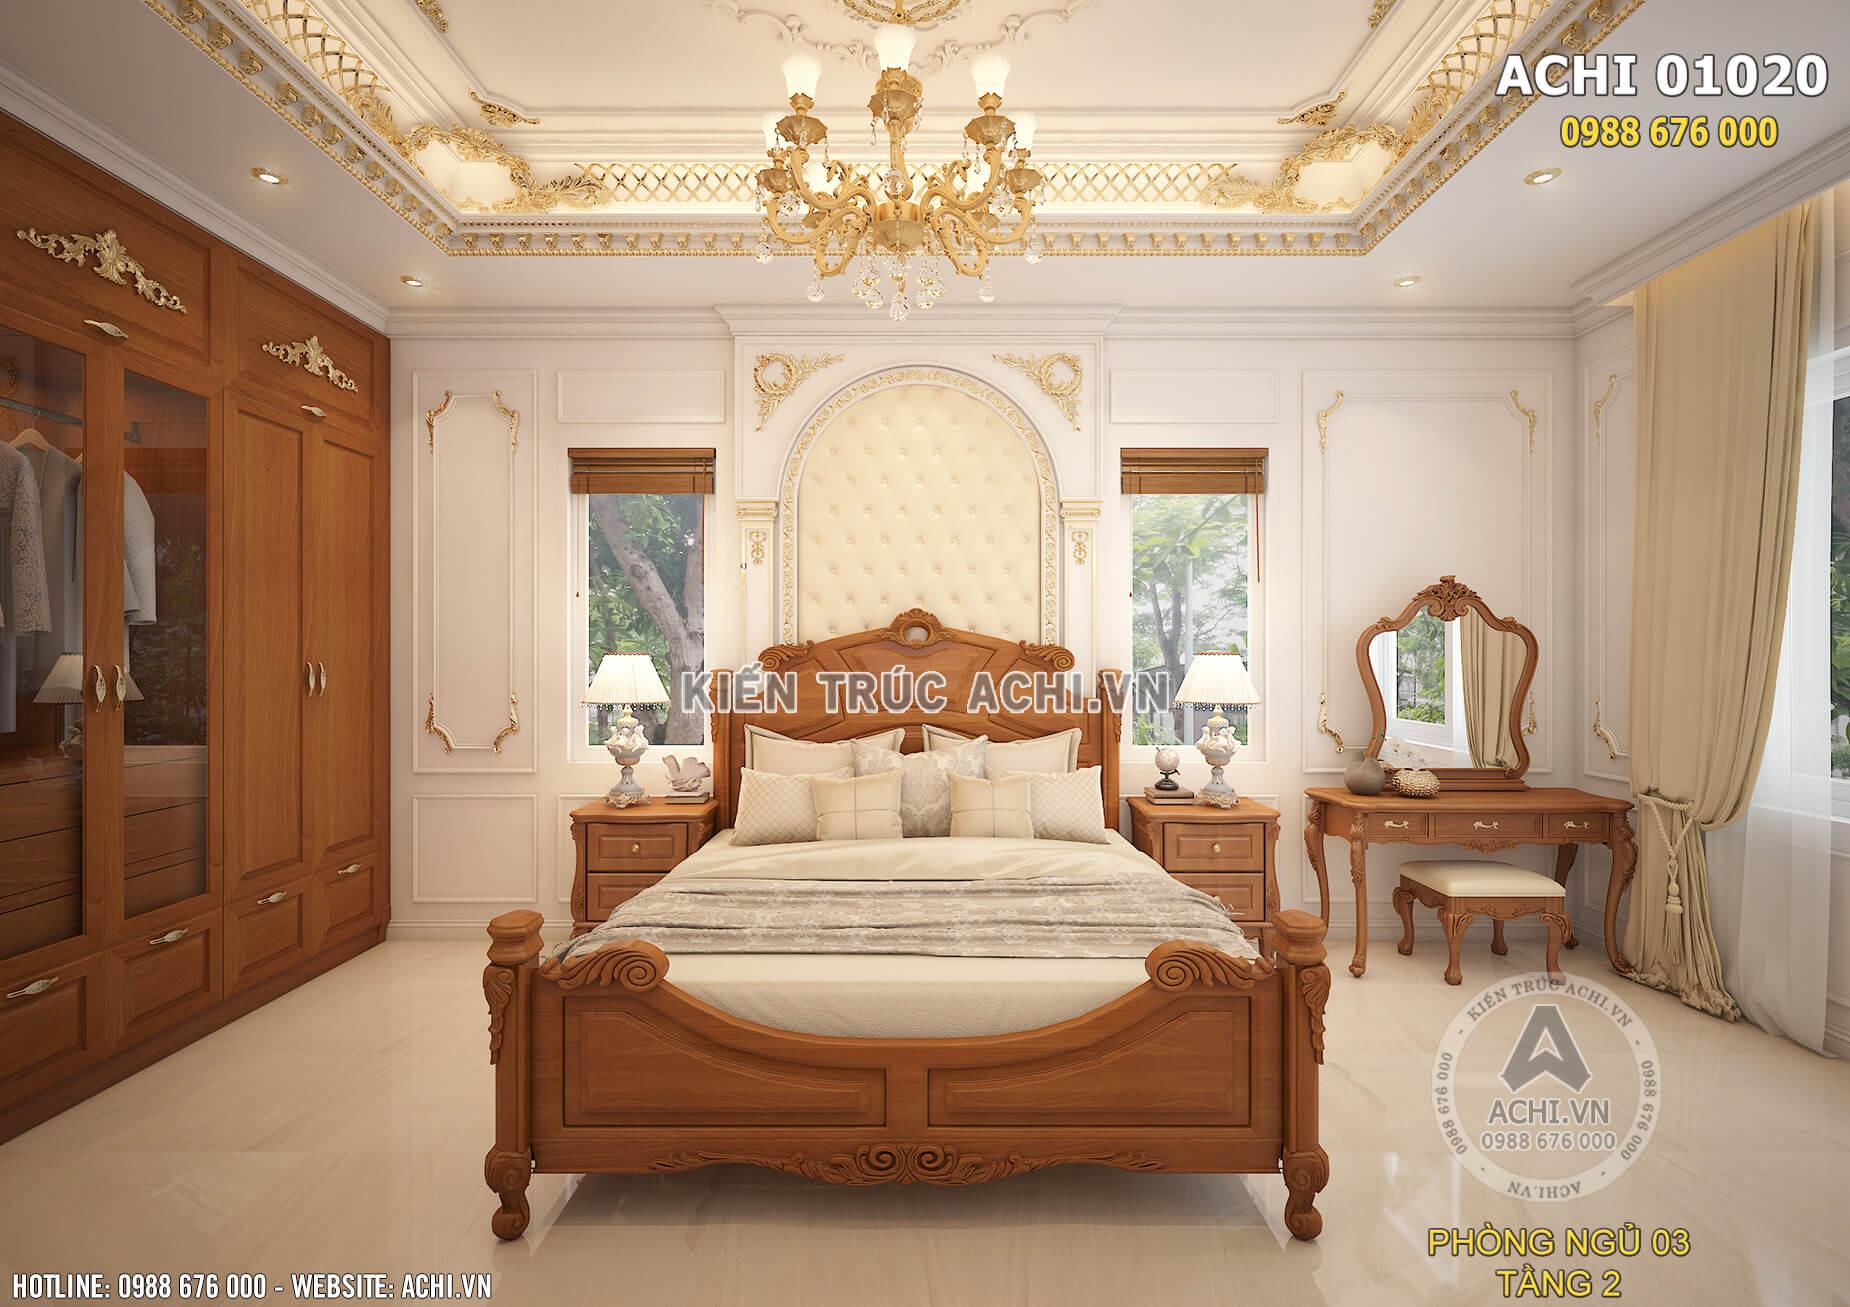 Màu sắc và vật liệu thiết kế của phòng ngủ được lựa chọn tinh tế